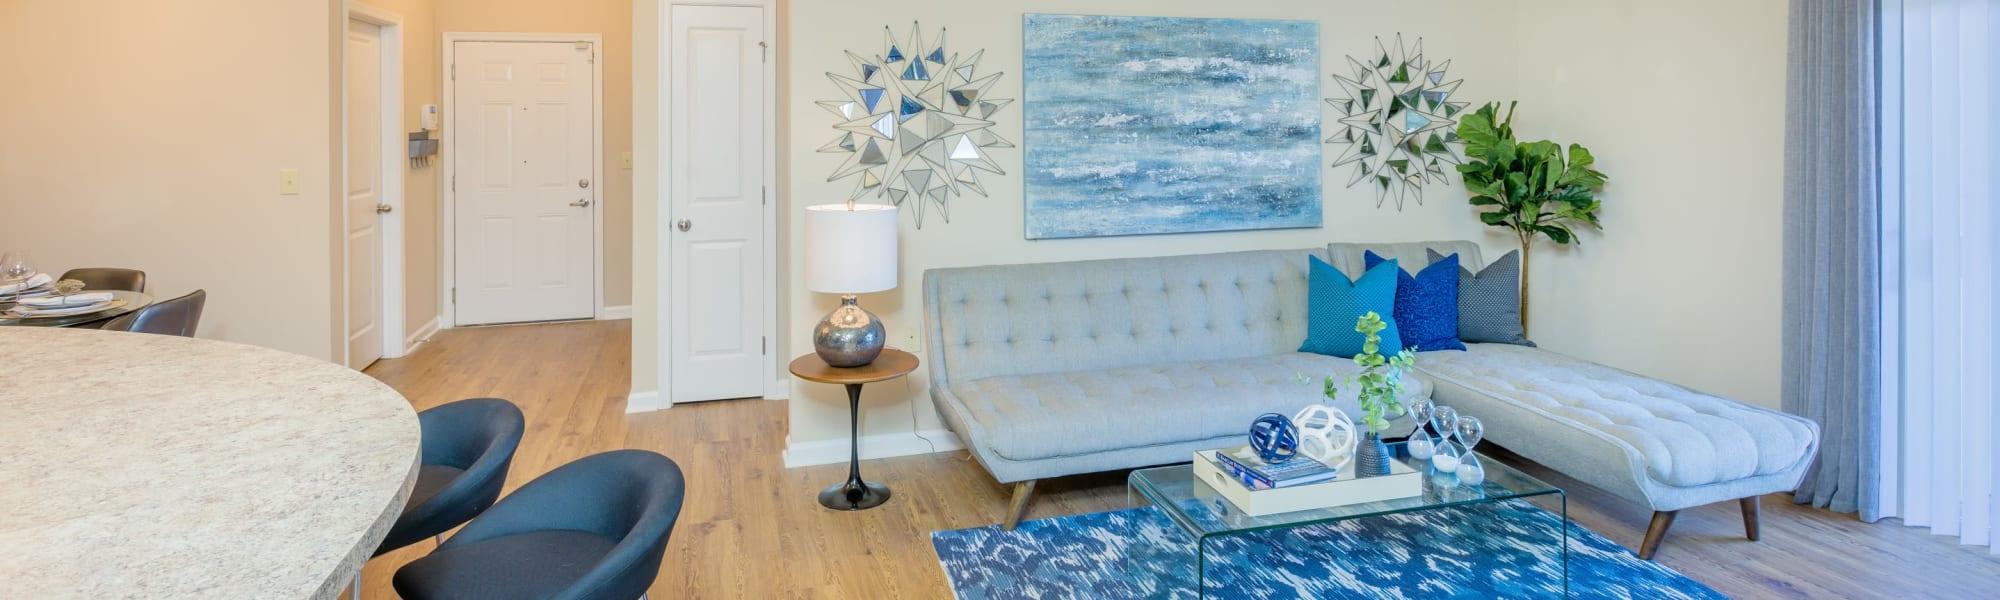 Floor plans at Arbor Village in Summerville, South Carolina